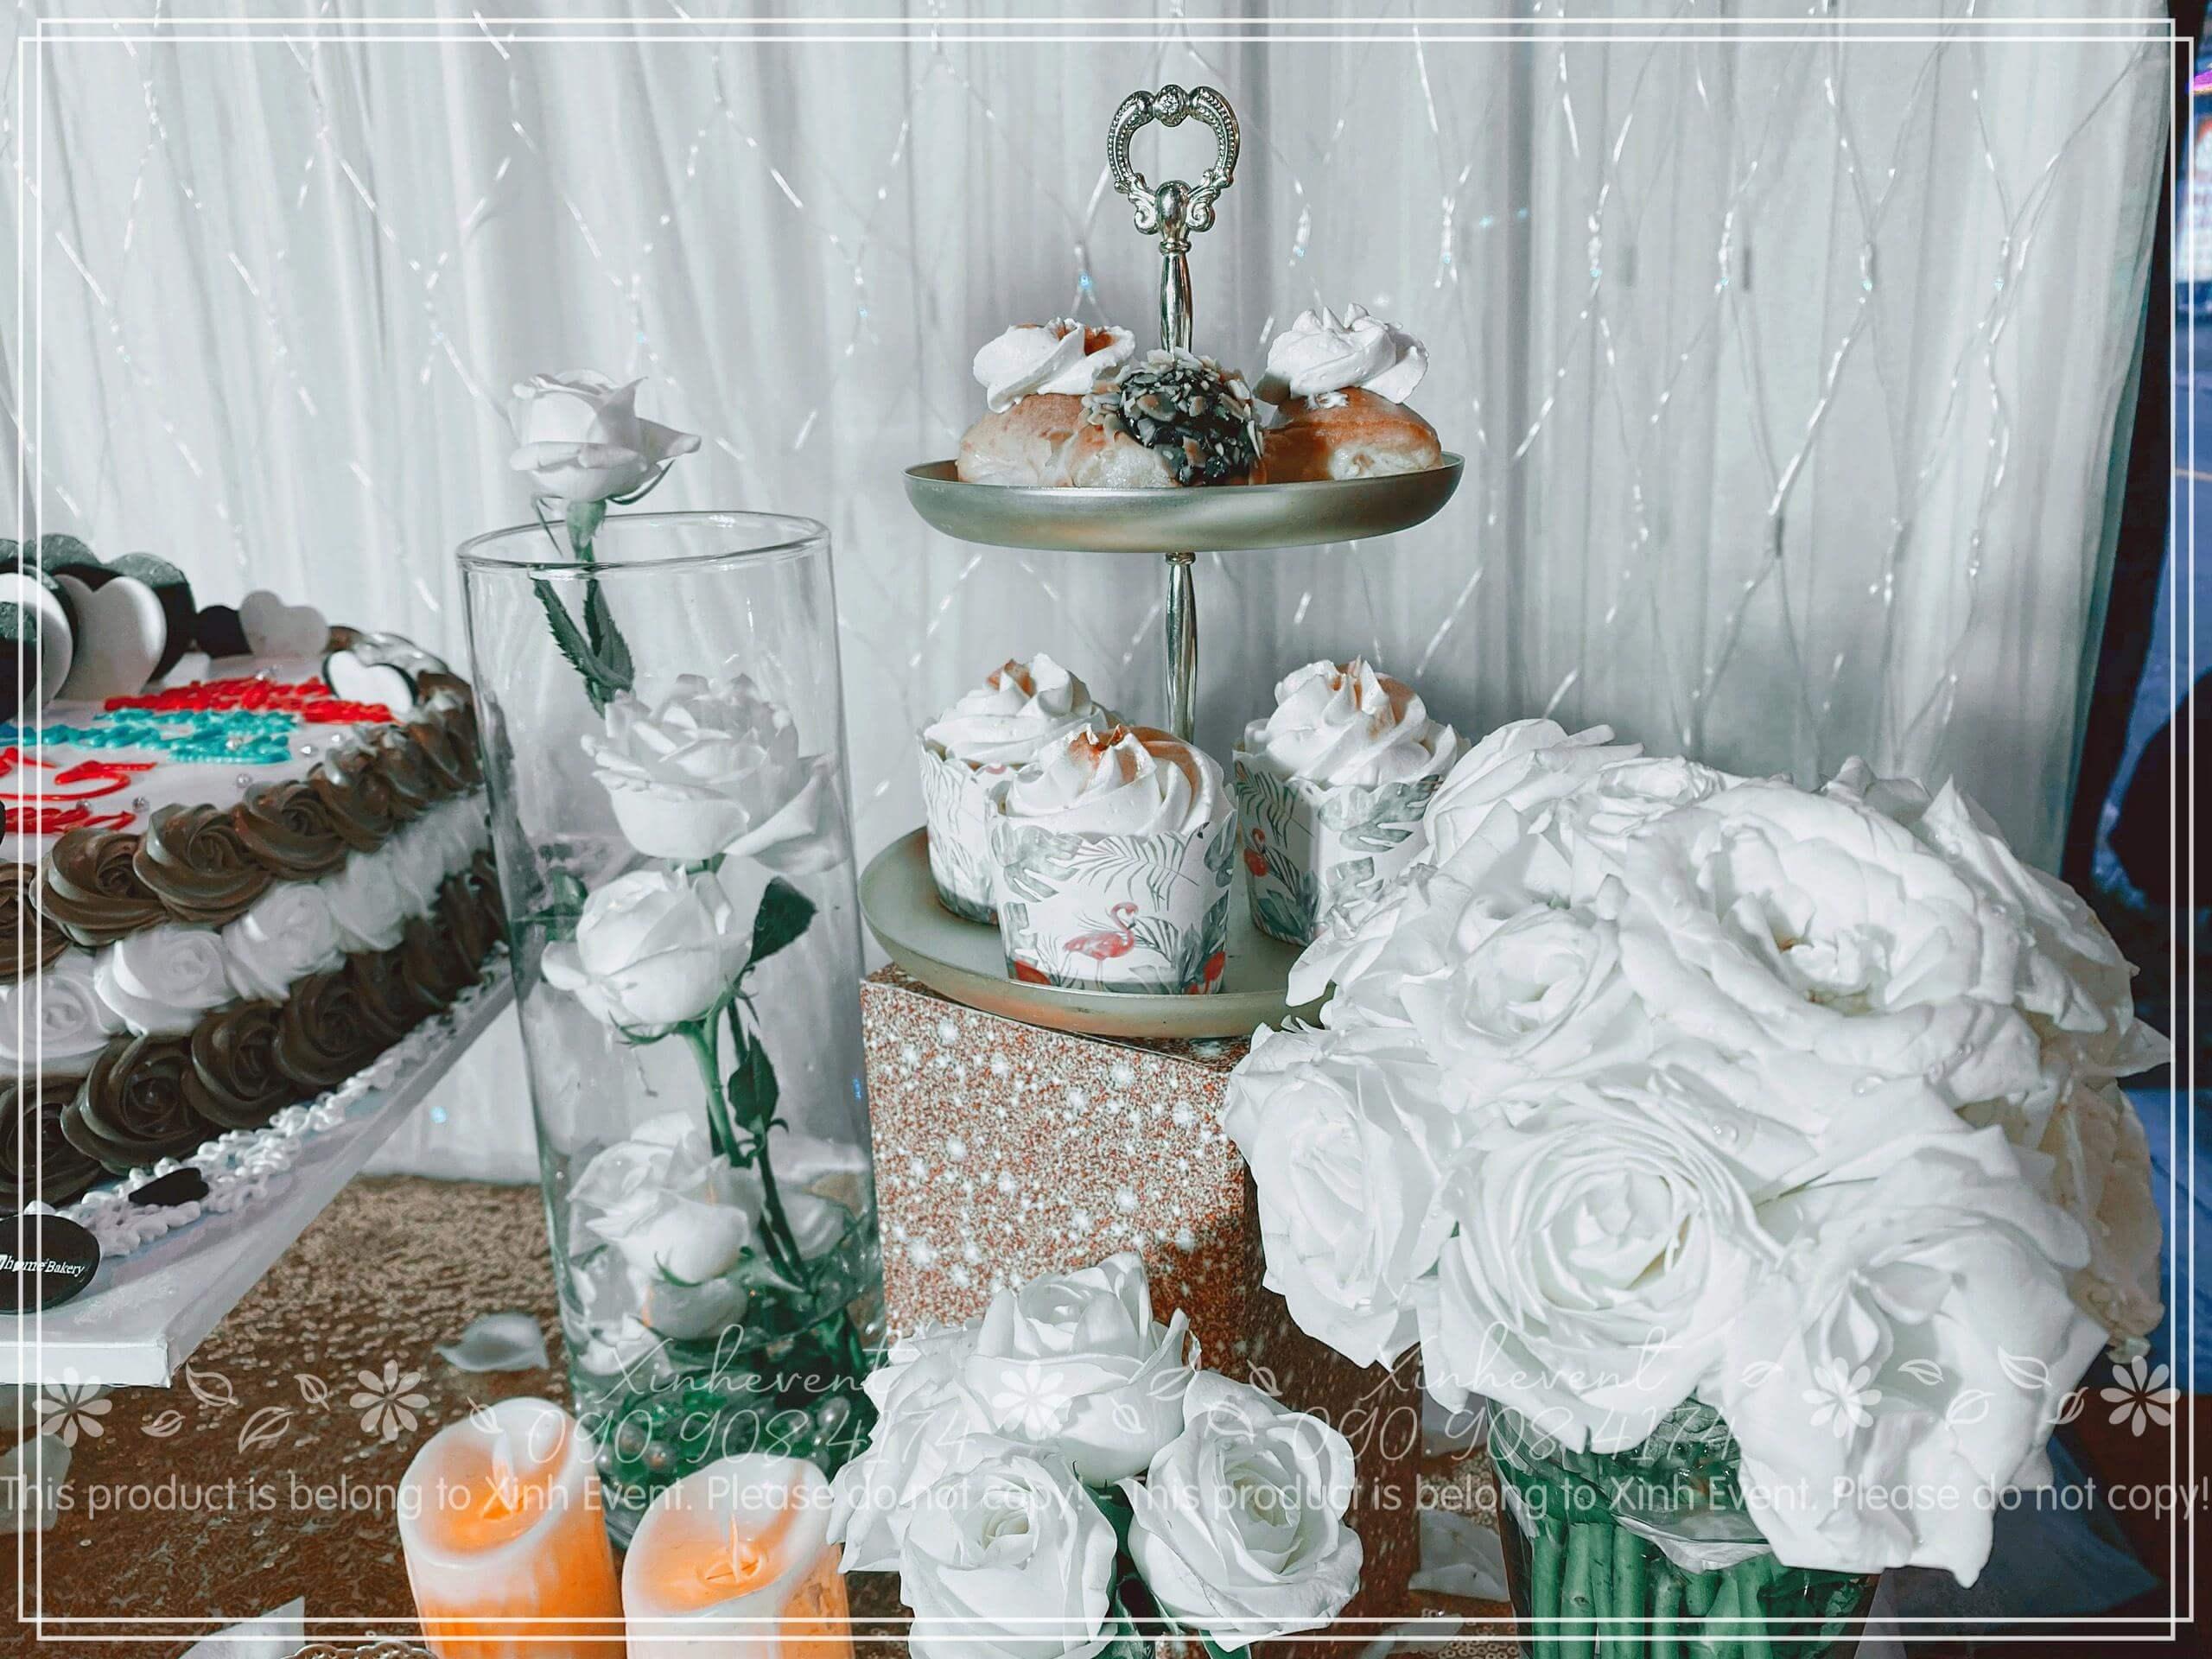 Dùng hoa hồng trắng để trang trí bàn tiệc thật sang trọng